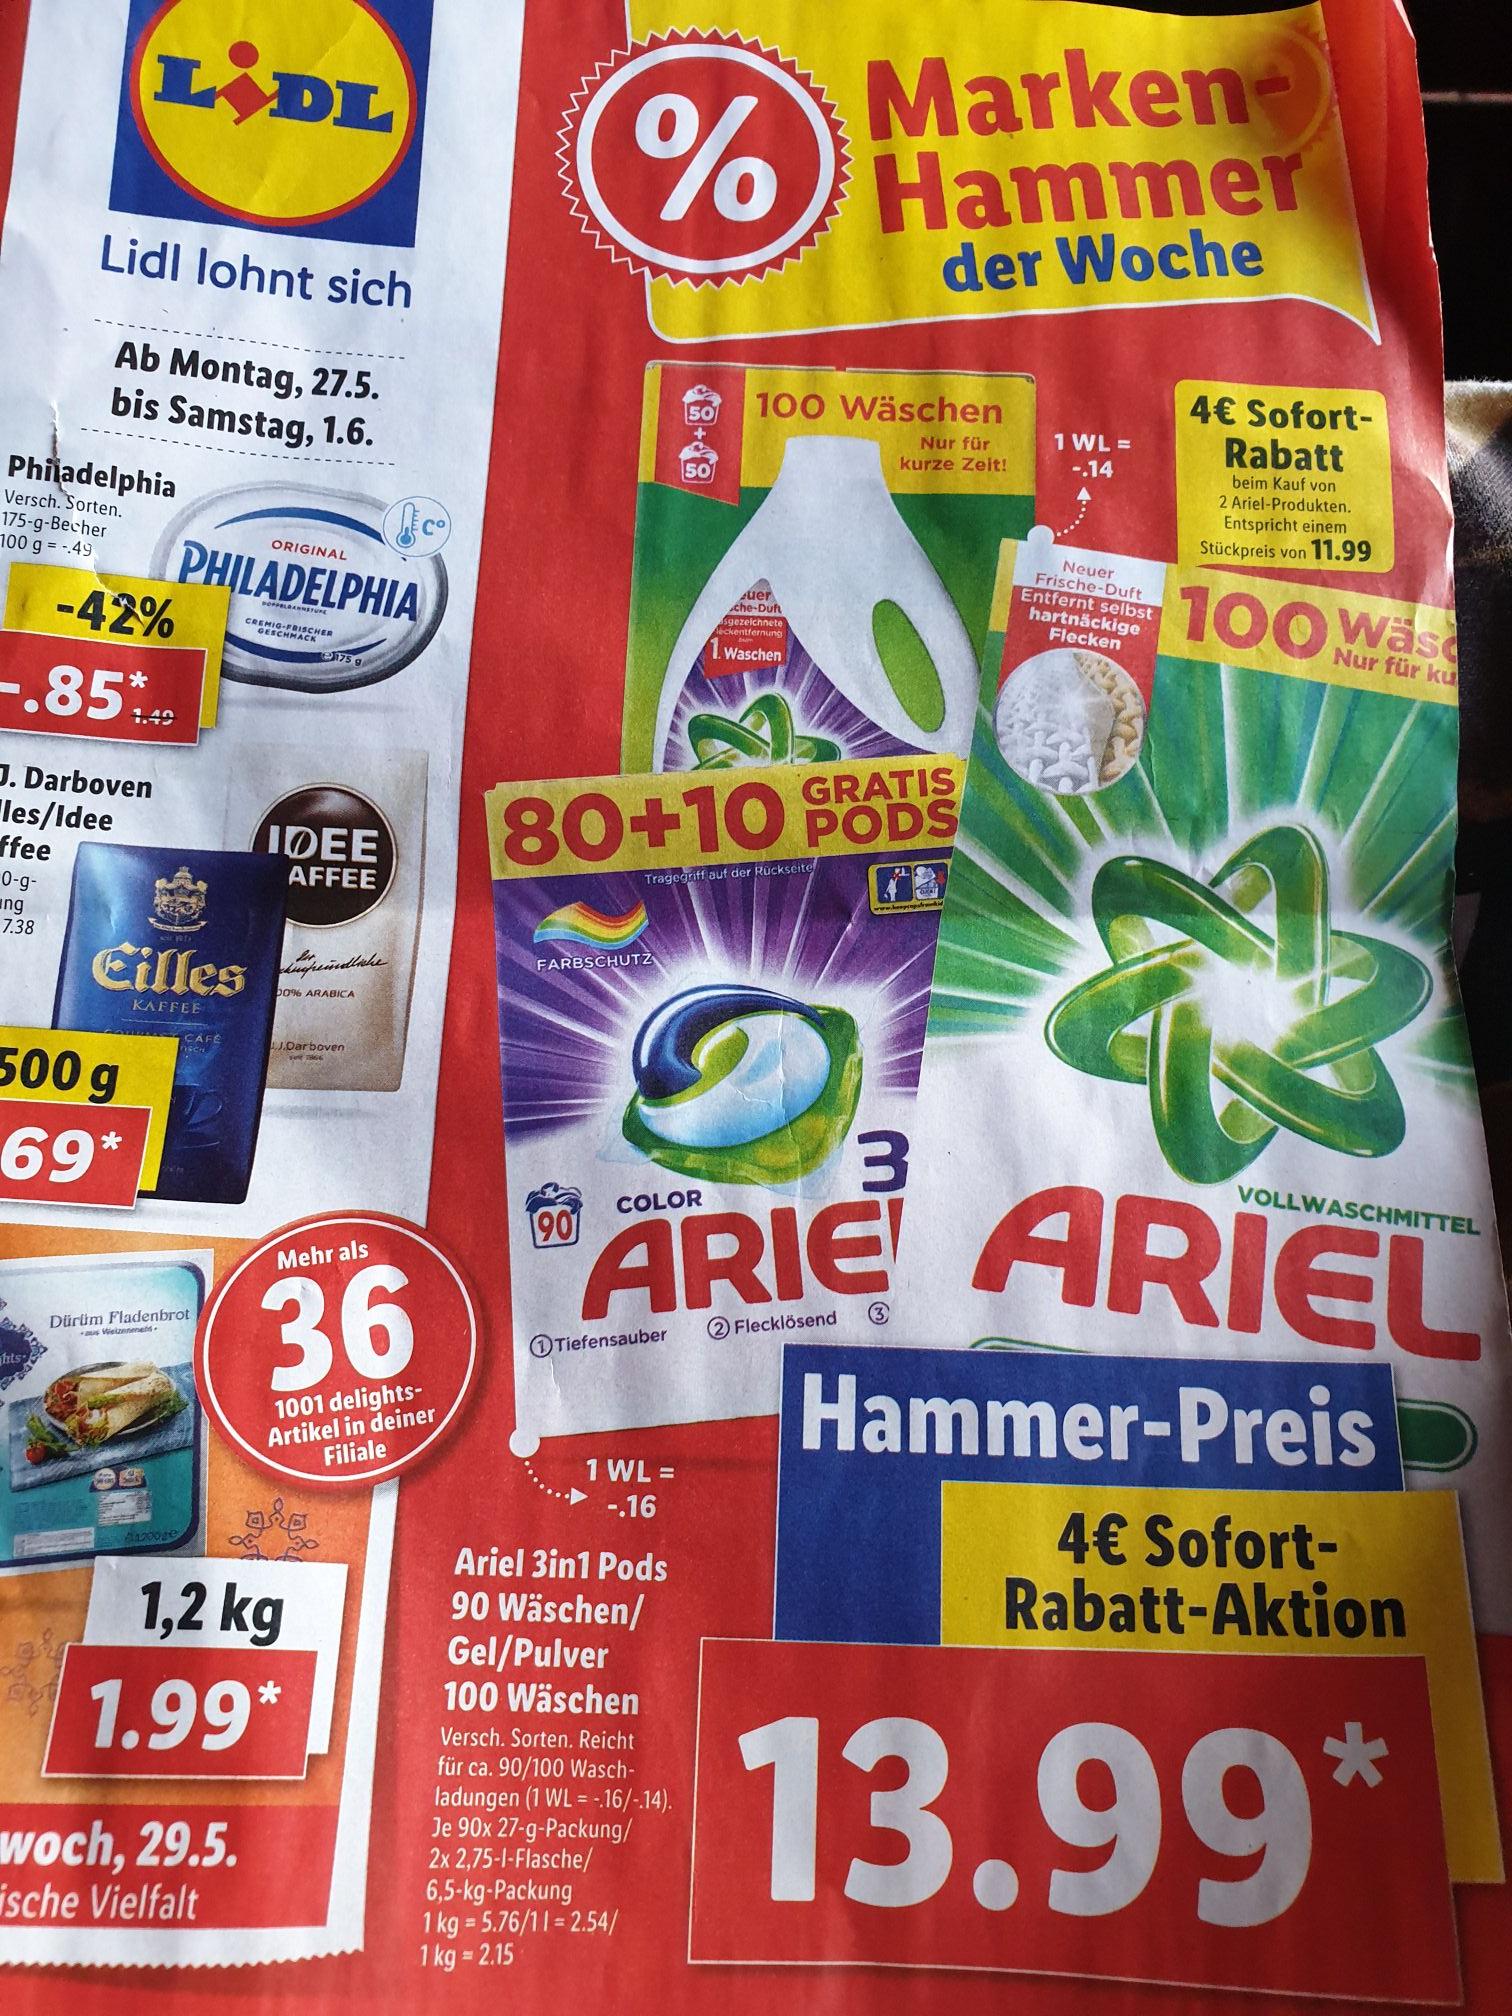 Ariel Waschmittel  3 in 1 Pods, Gel + Pulver beim Kauf von 2 Einzelpreis 11,99€ (4€ Sofortrabatt) ab Montag bei Lidl